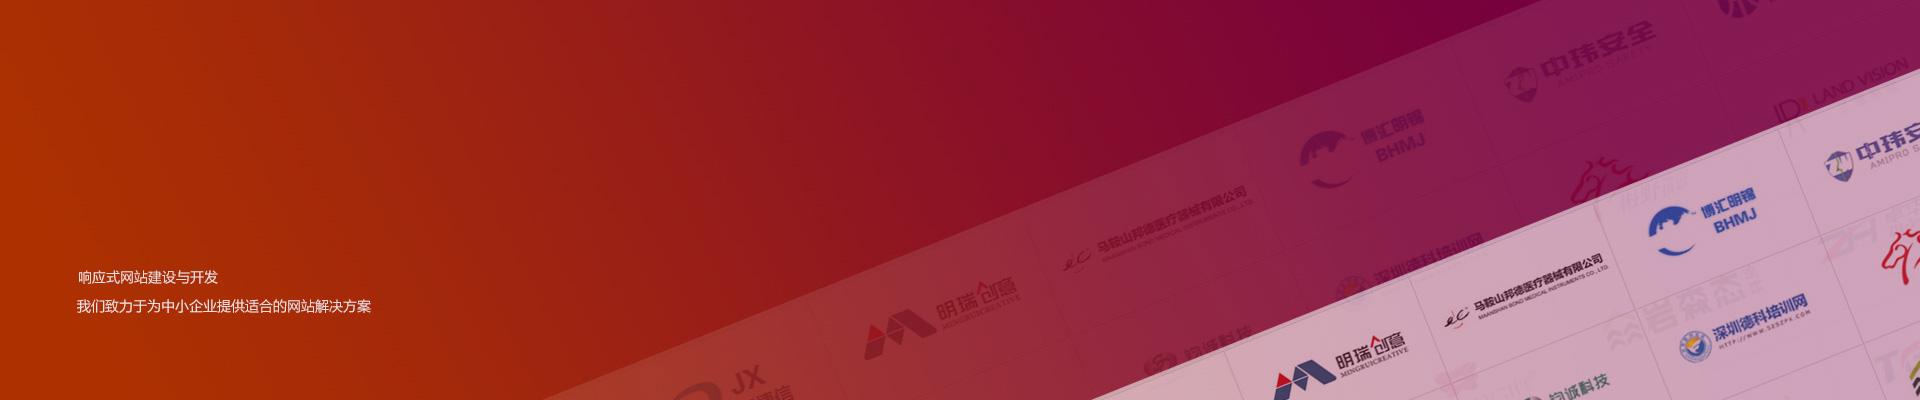 深圳外贸网站建设,深圳企业网站建设